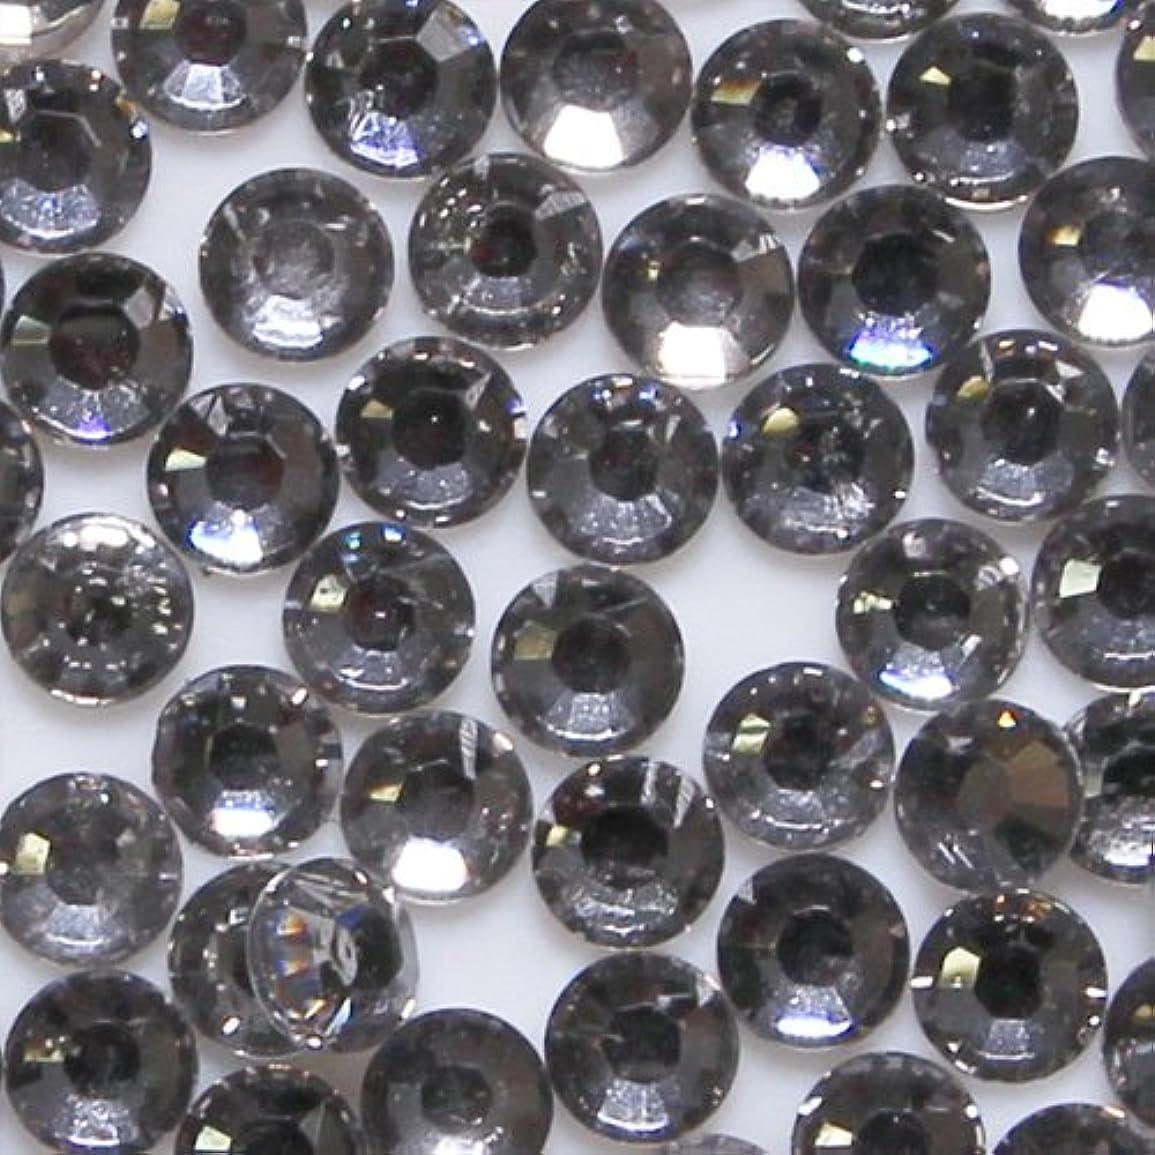 専門知識ソビエトペニー高品質 アクリルストーン ラインストーン ラウンドフラット 約1000粒入り 4mm ブラックダイヤモンド